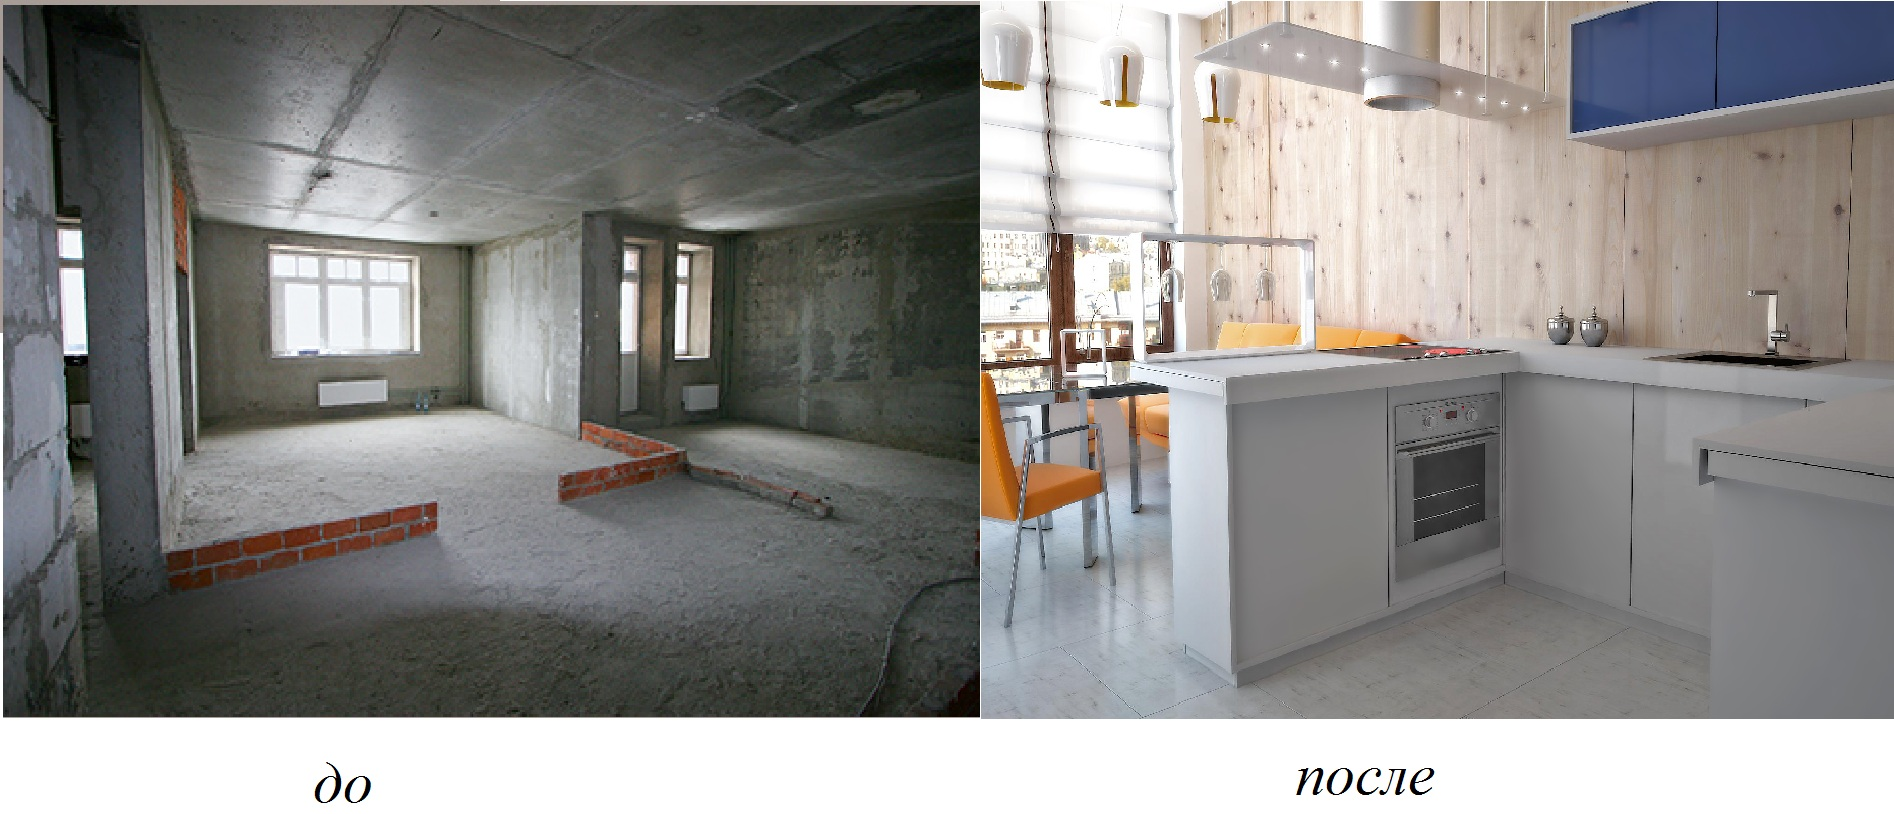 Вид квартиры с черновой отделкой до и после ремонта